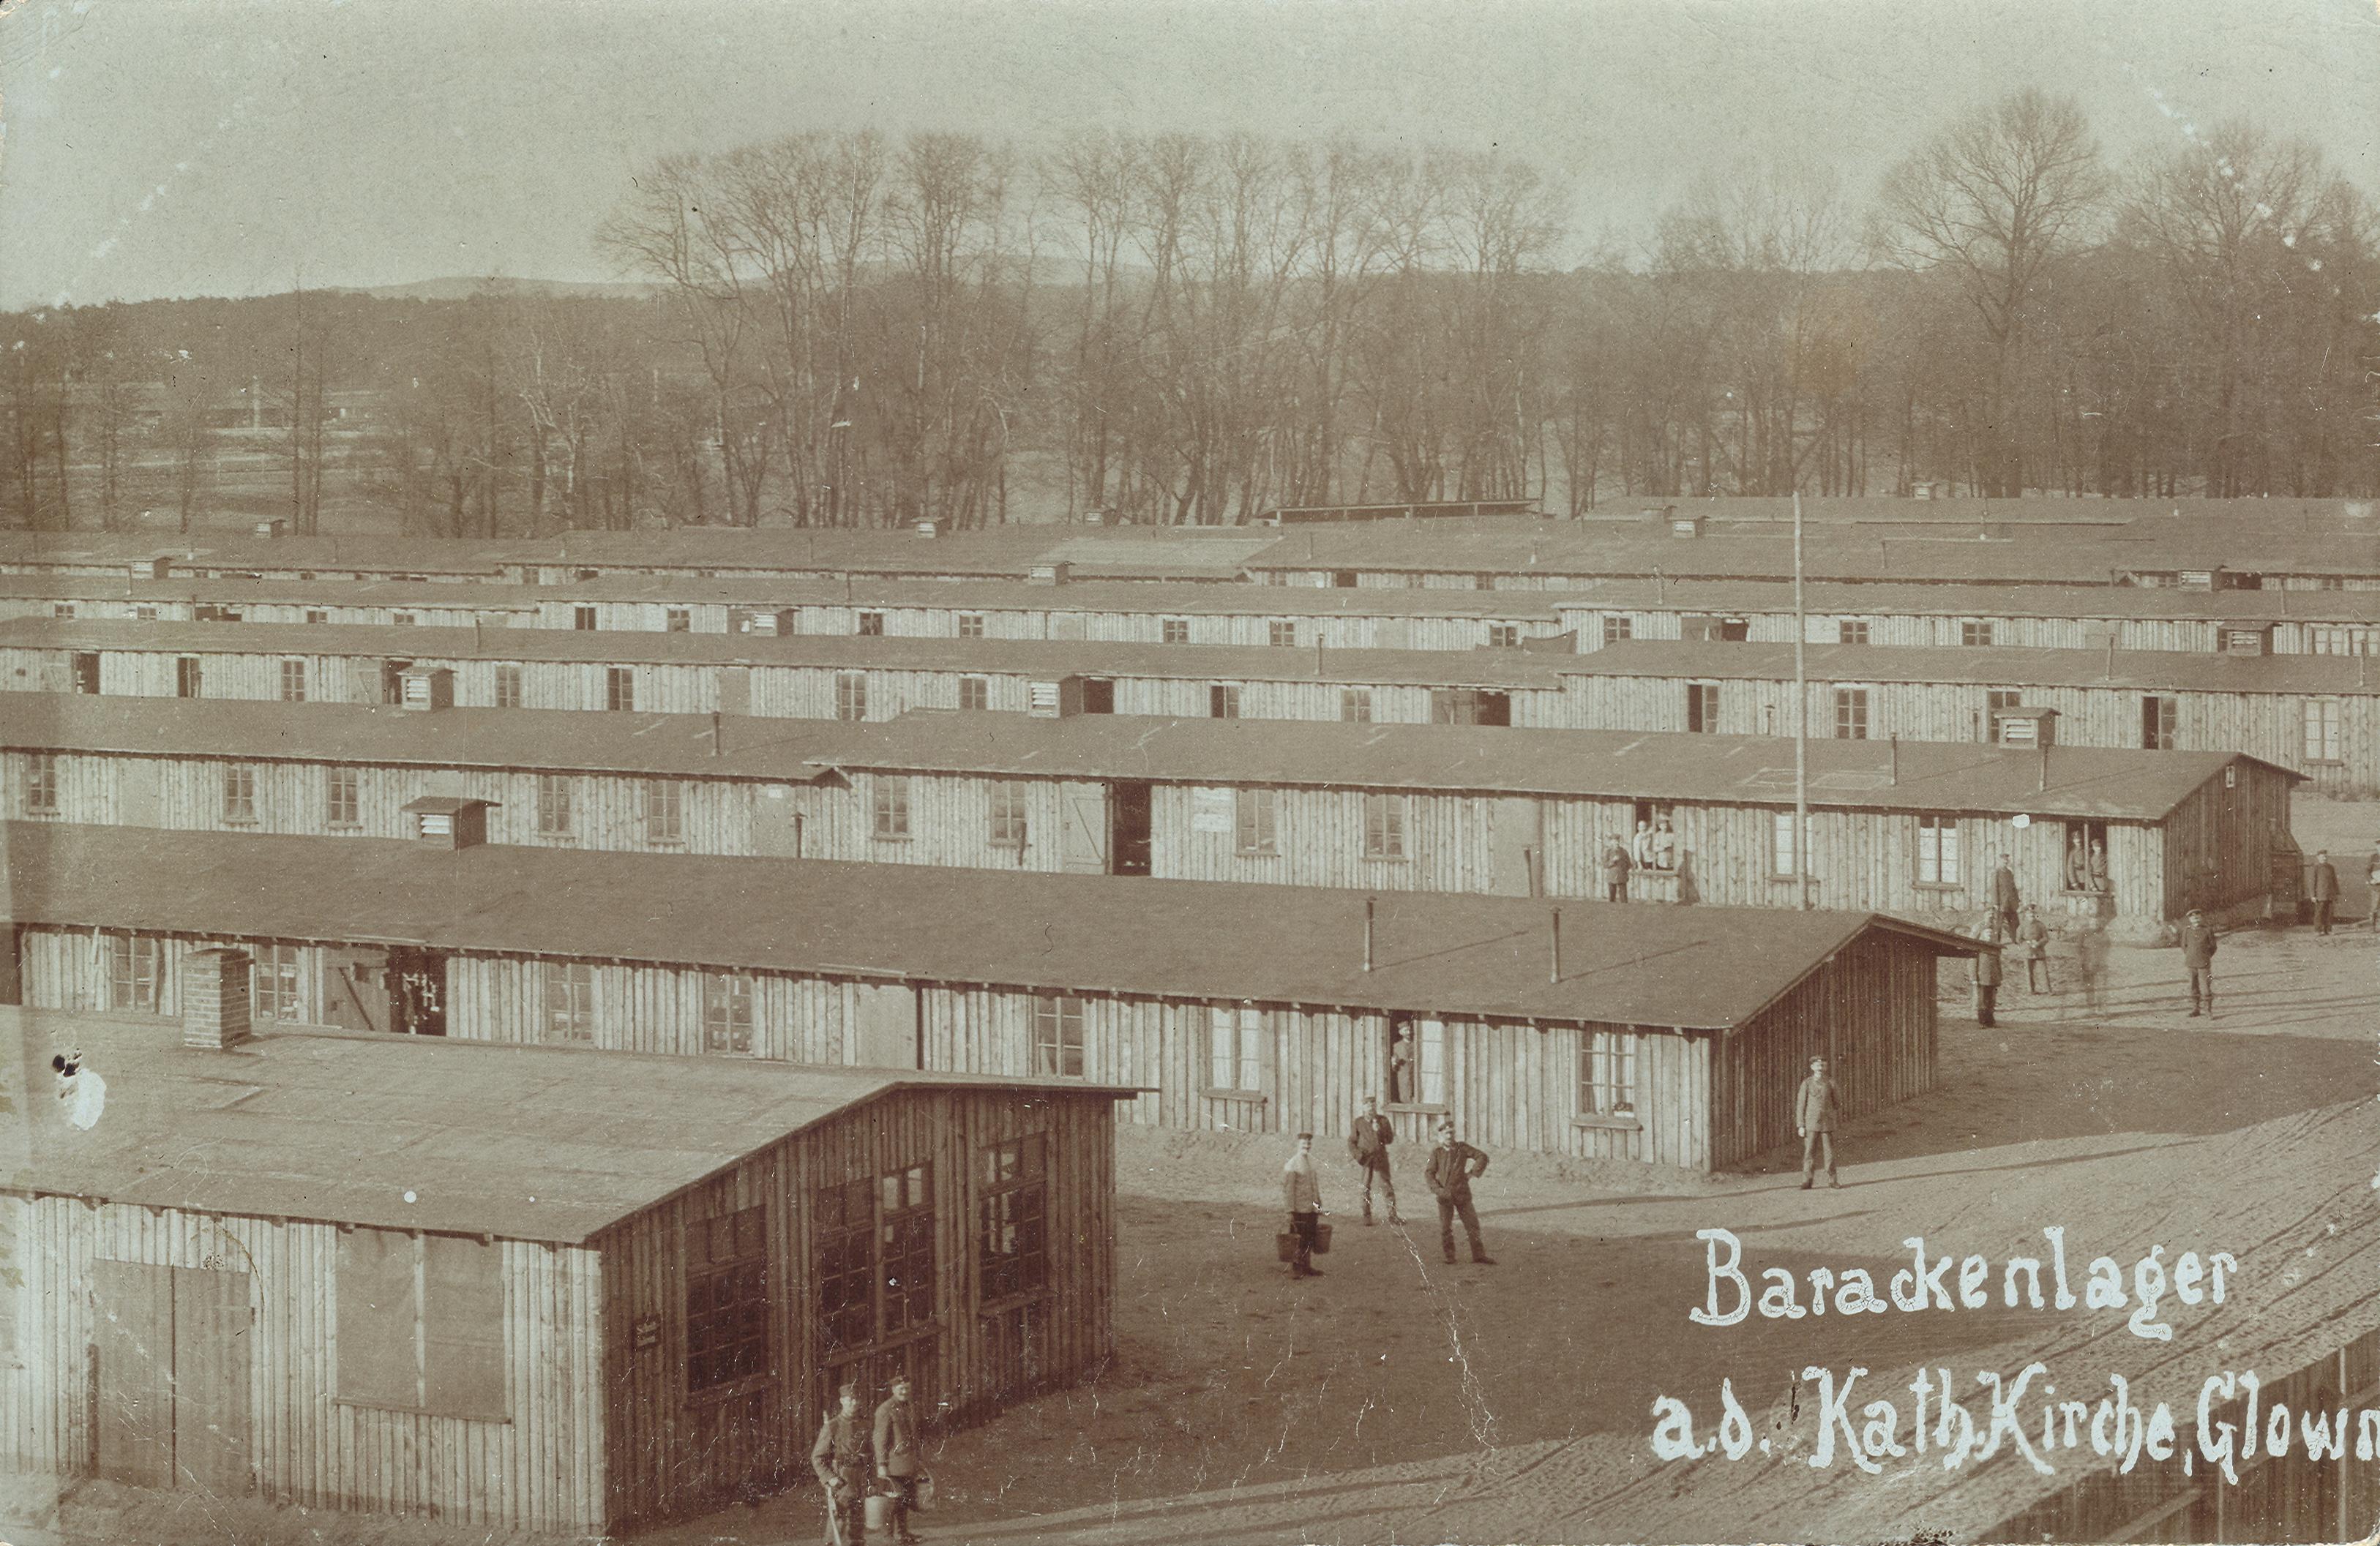 Barackenlager a.d. Kath. Kirche, Glowno. Fotografia przedstawiająca koszary wojskowe (kompleks baraków obozu wojskowego wraz z komendanturą) znajdujące się niedaleko kościoła katolickiego na Głównej. Ze zbiorów Biblioteki Uniwersyteckiej w Poznaniu